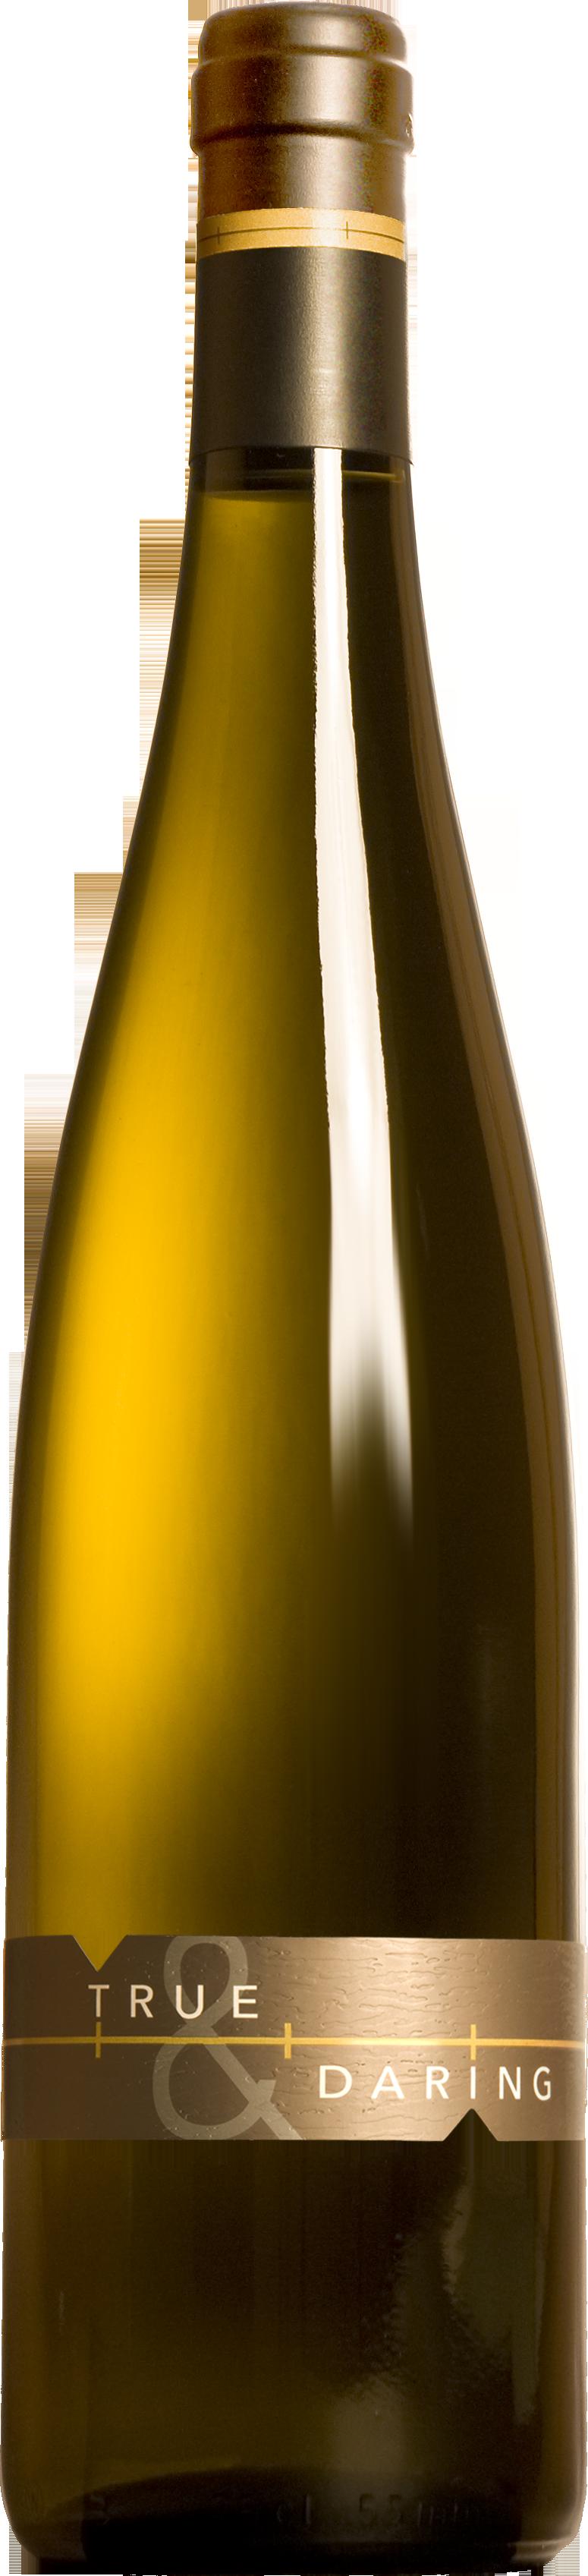 Drinking clipart vintage wine bottle. Png image pinterest